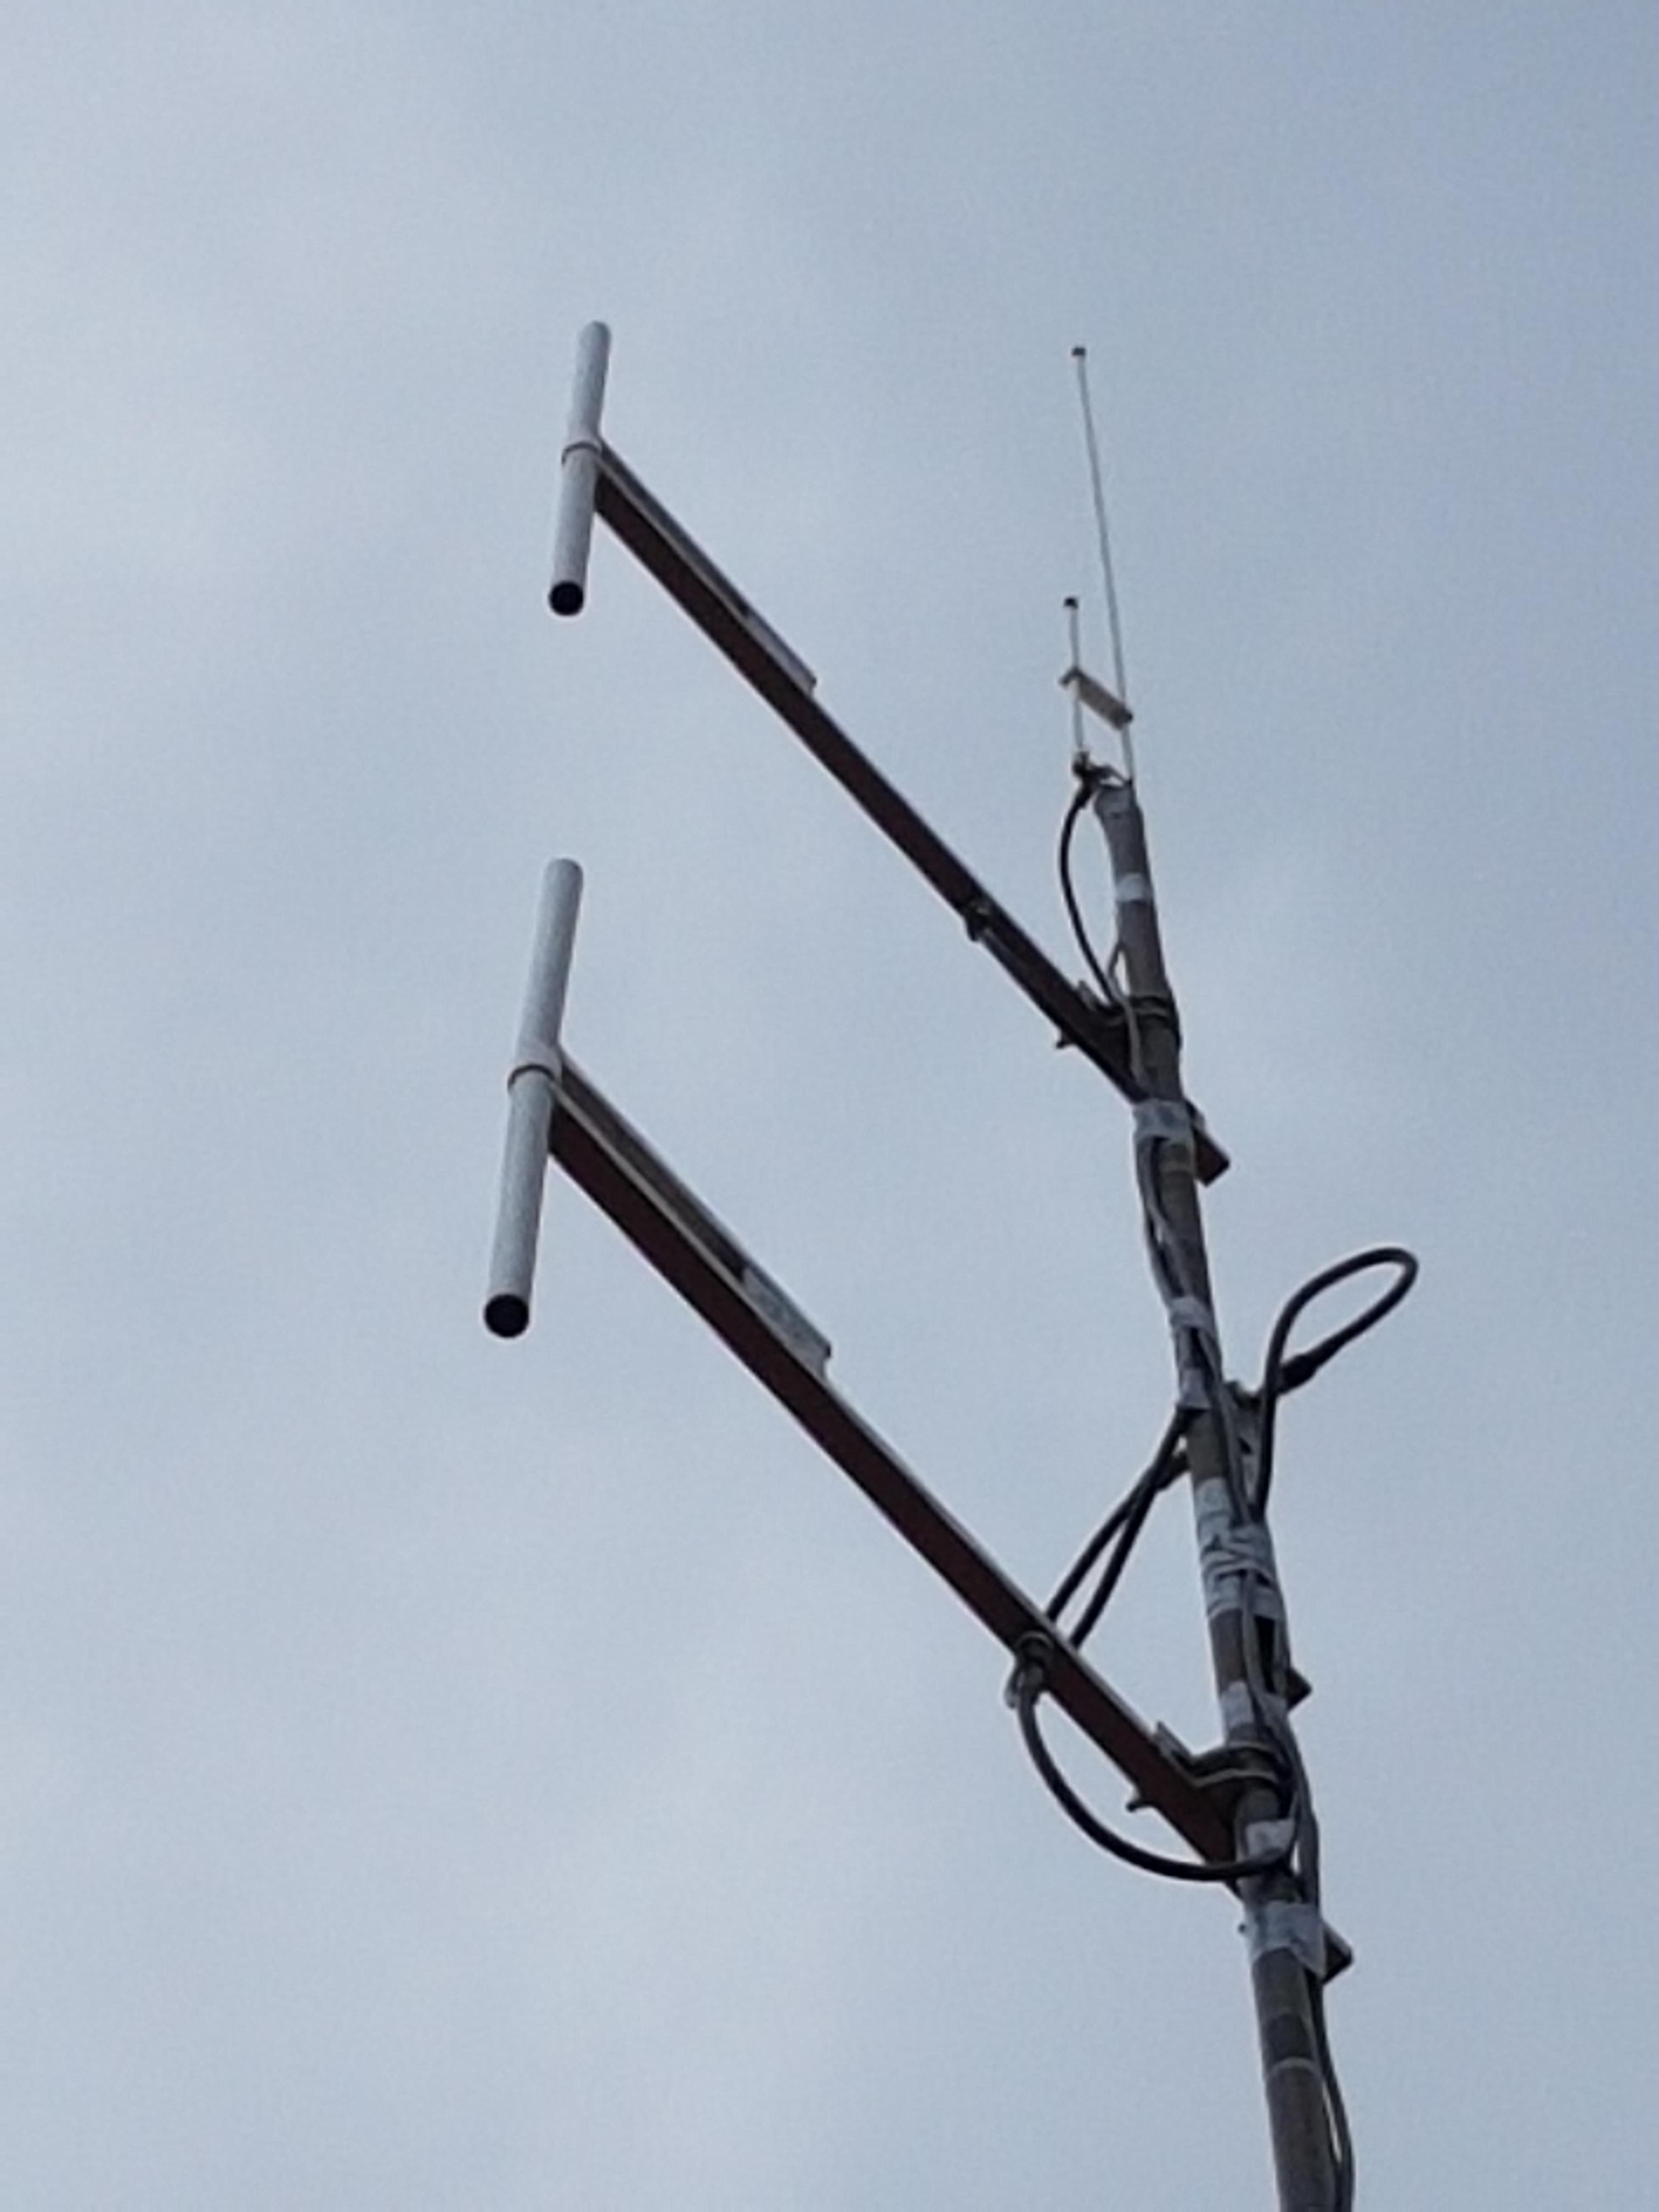 Etherwaakhond Agentschap telecom blaft weer